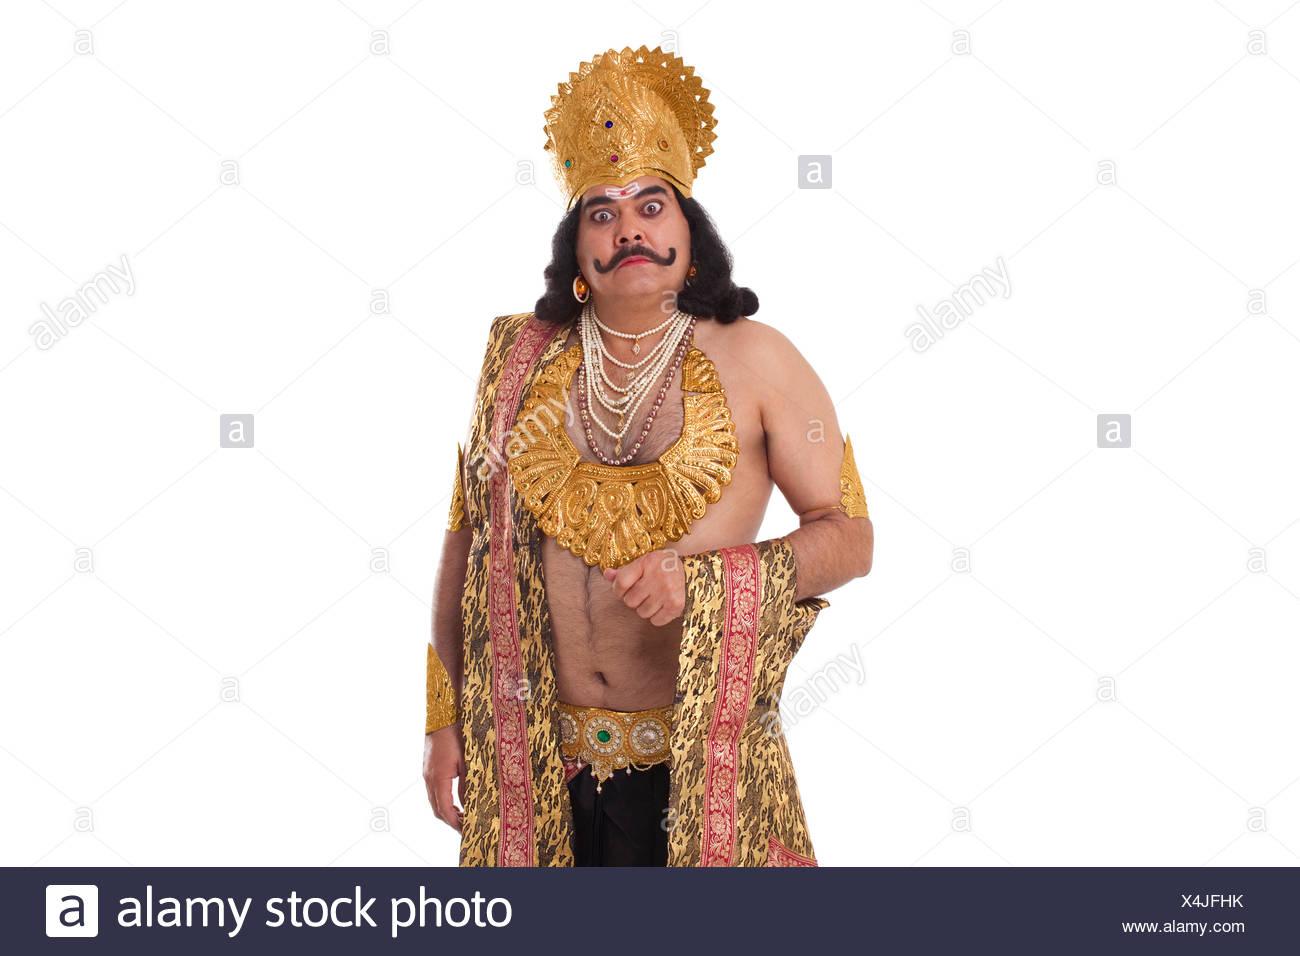 Man dressed as Raavan looking serious - Stock Image